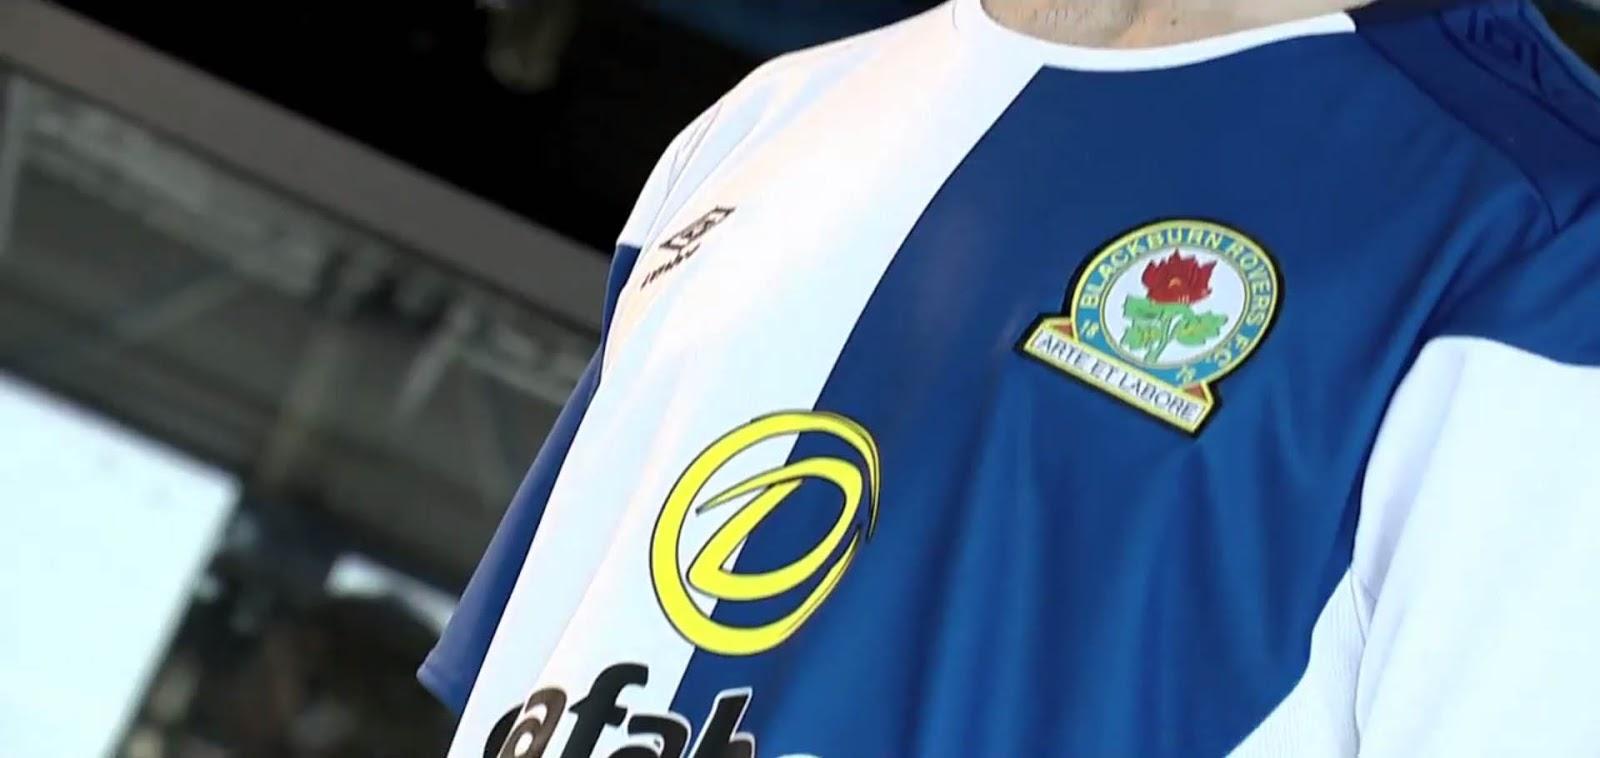 Blackburn rovers 17 18 home kit released footy headlines for Blackburn home